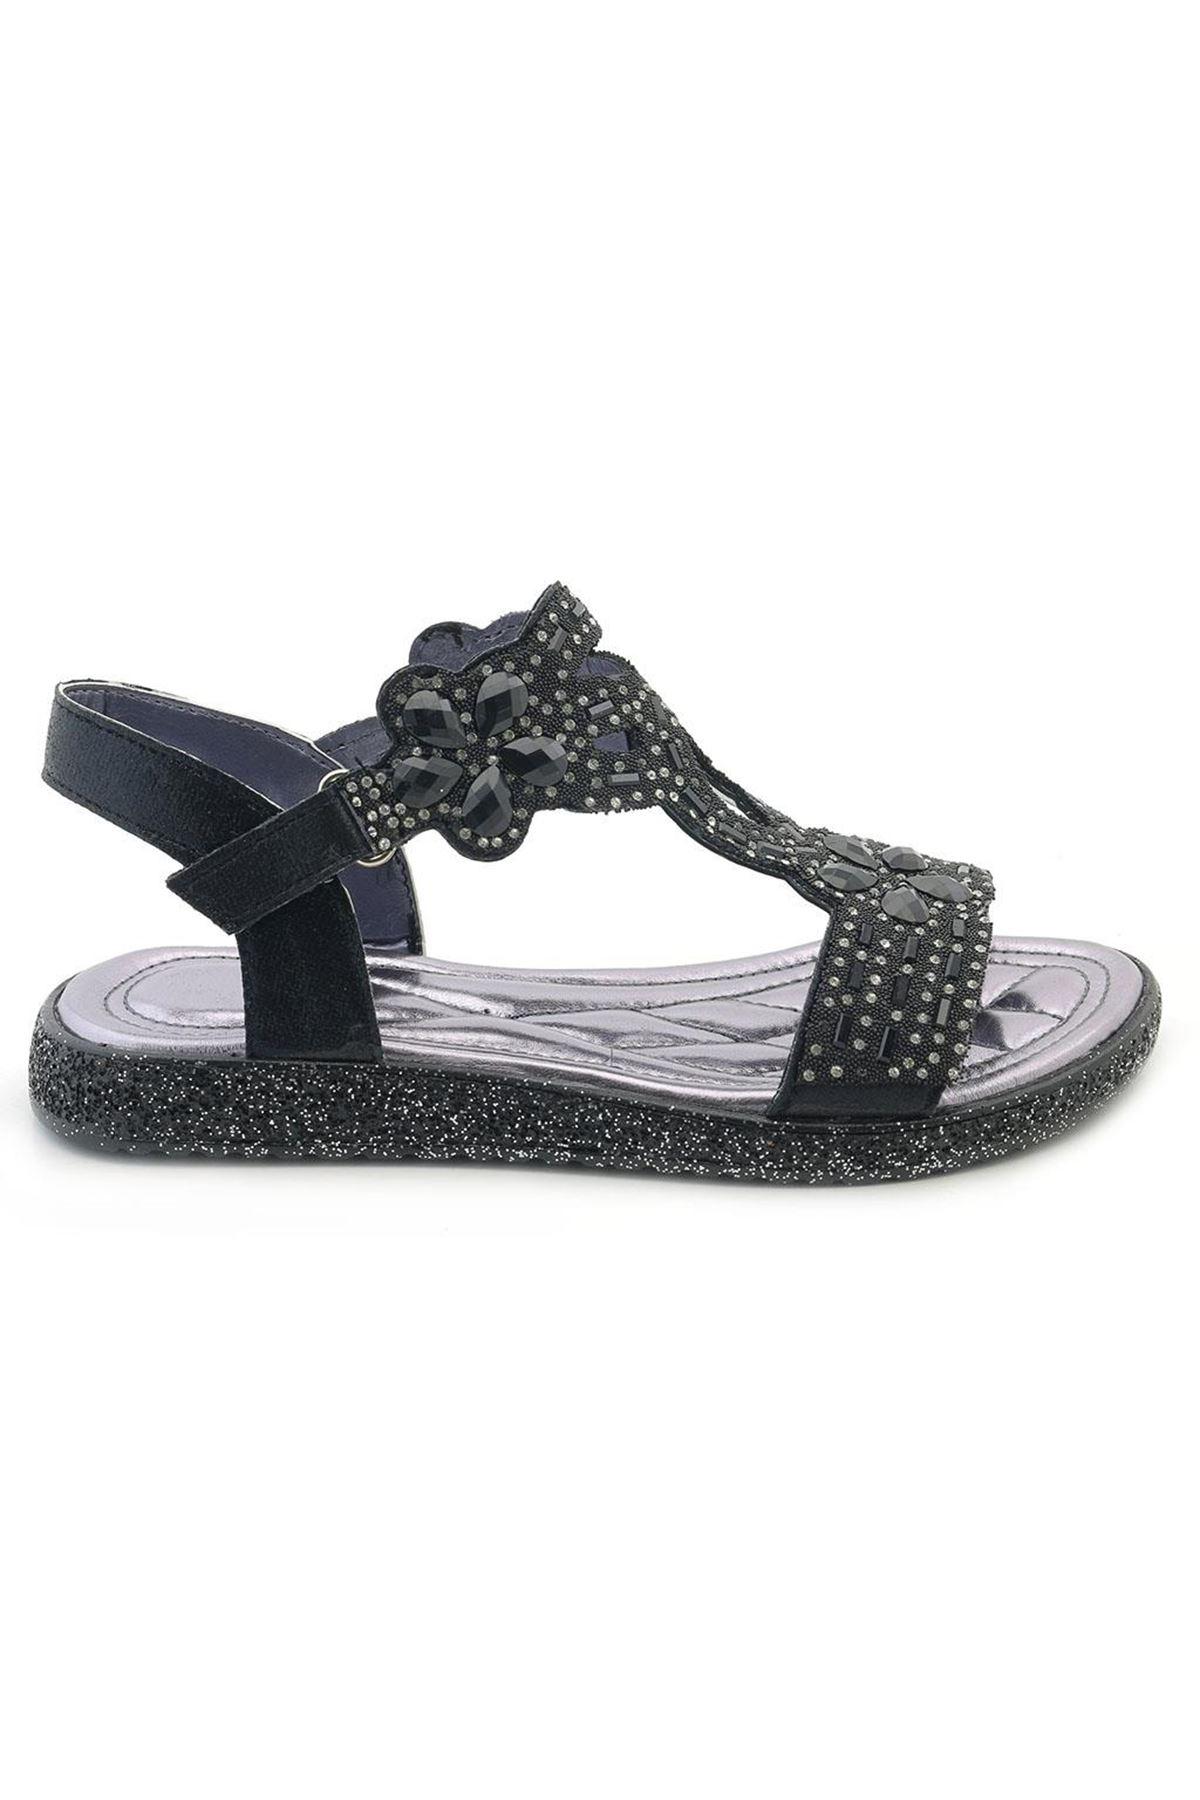 Kids World Düz Taşlı Kız Çocuk Sandalet